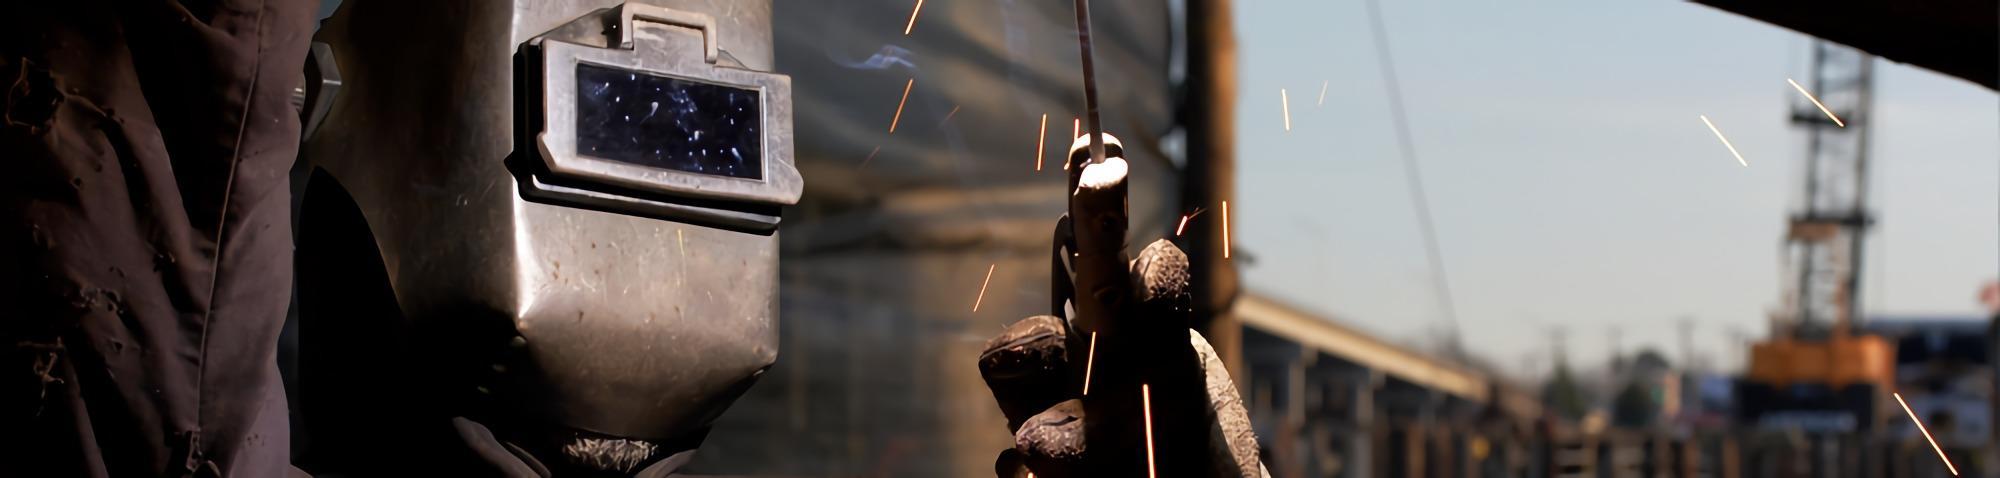 Tulsa Welding School Associates in Welding Technologies